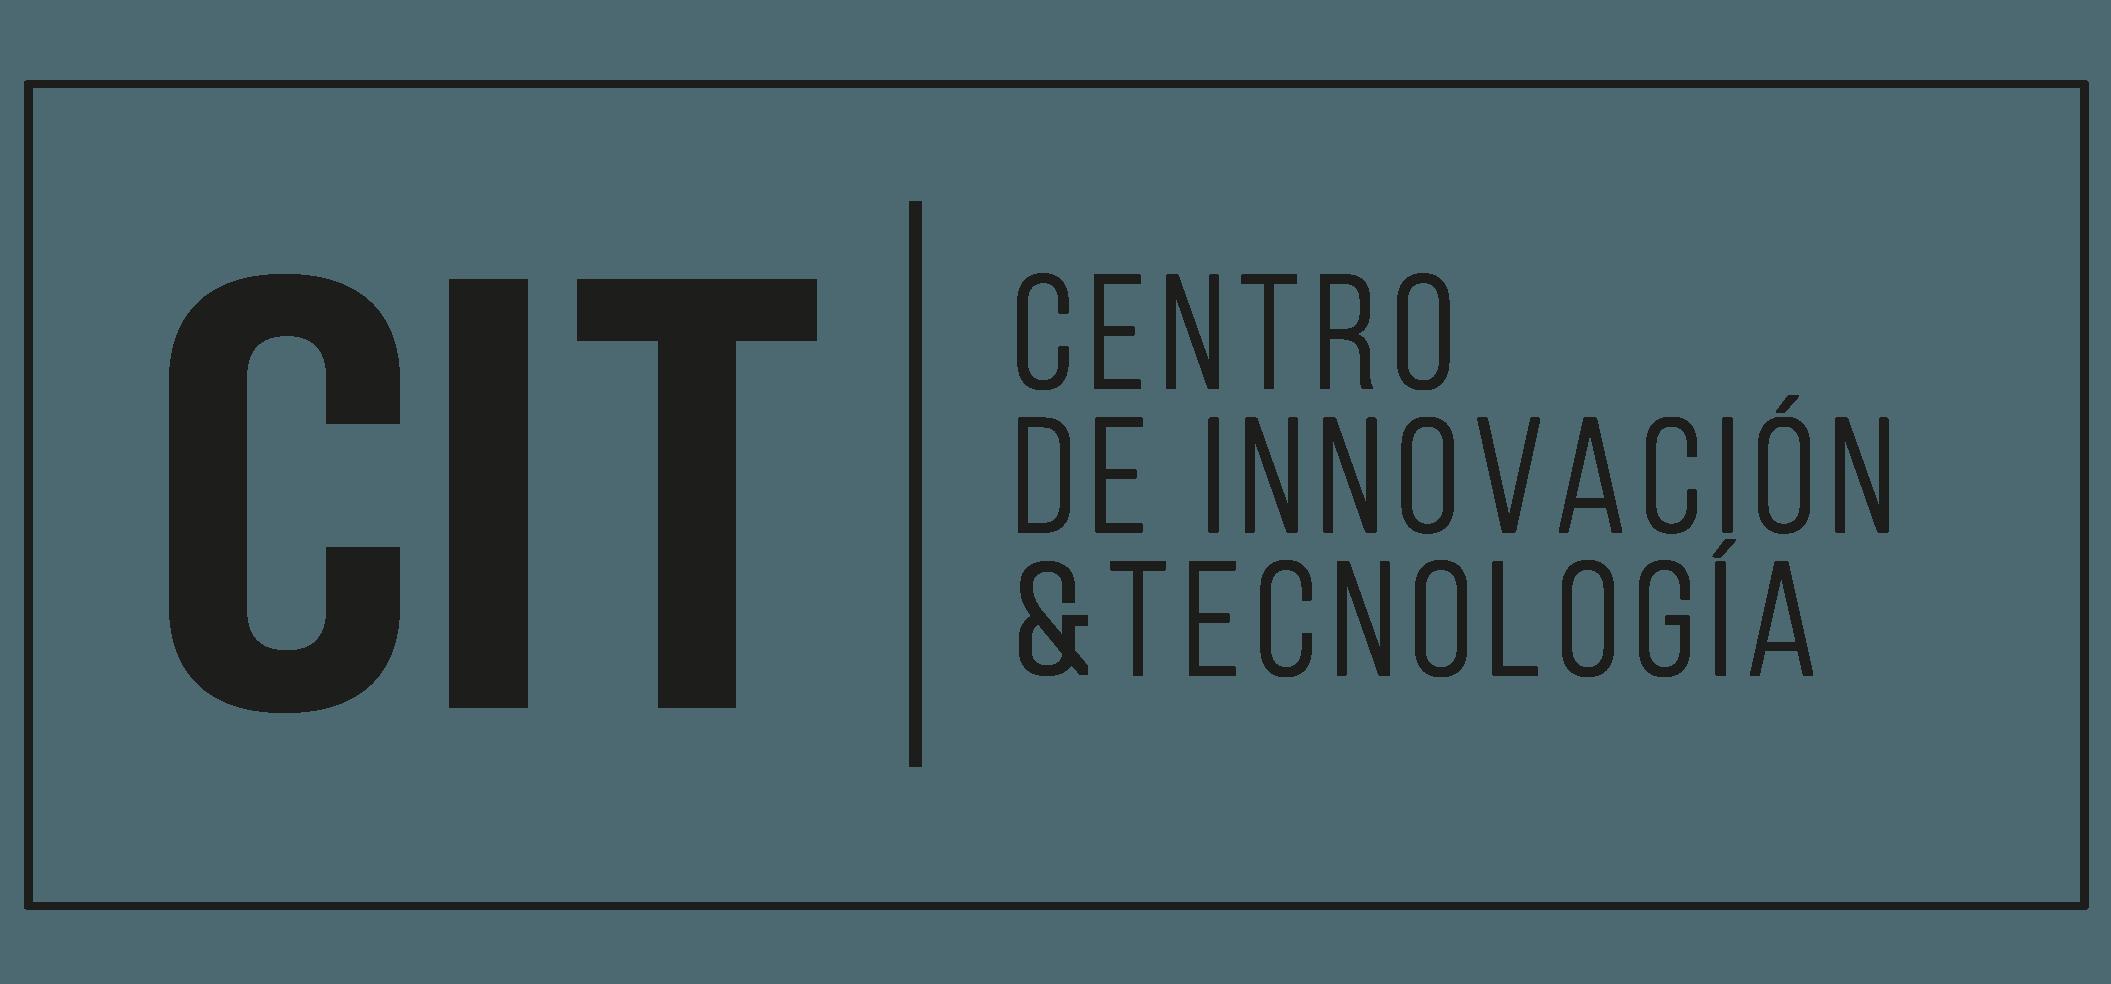 Centro de Innovación & tecnología